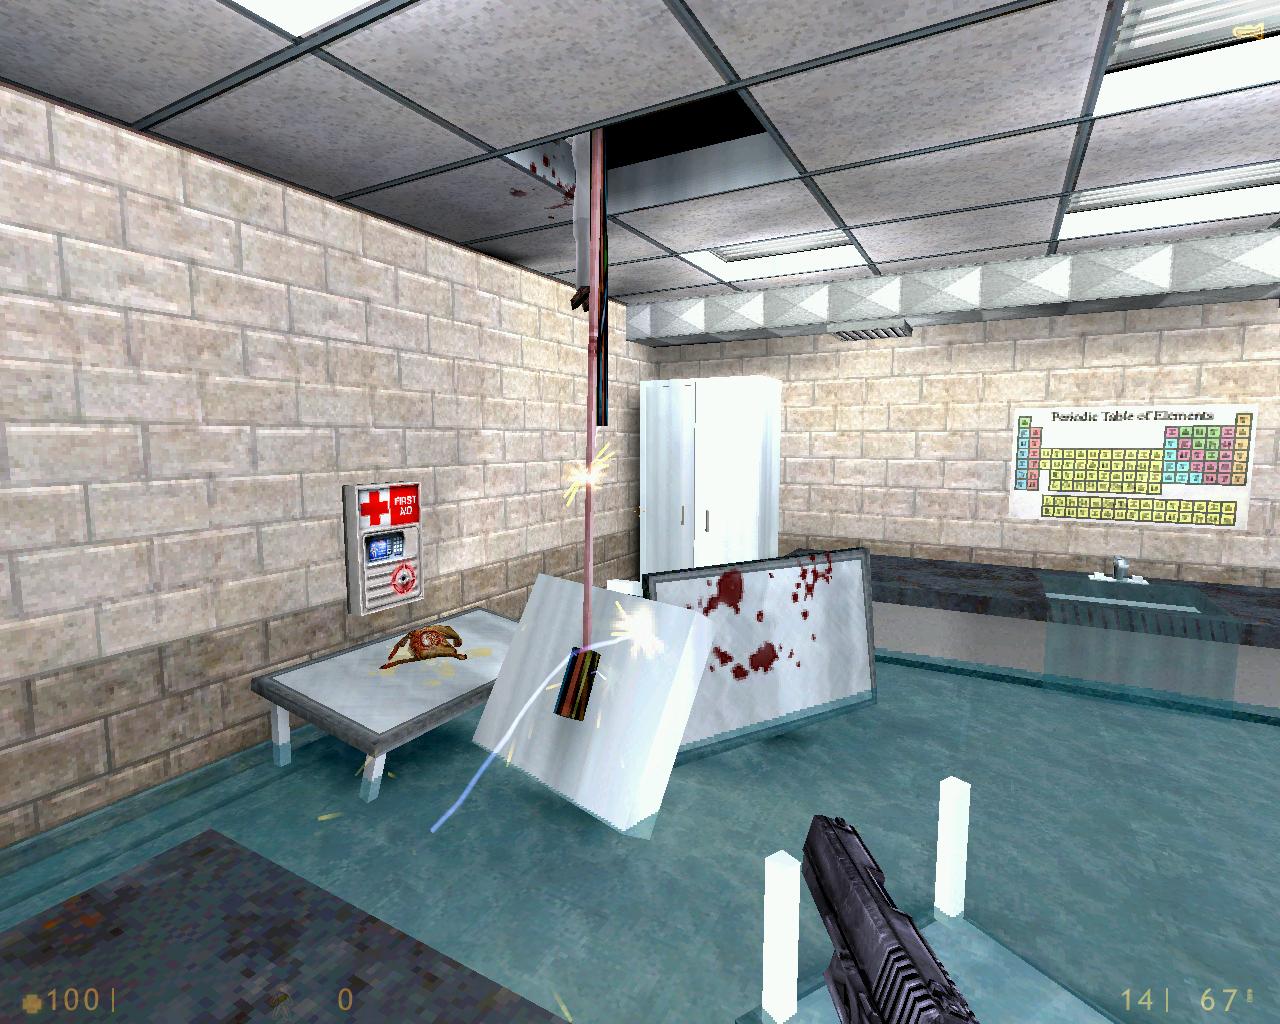 c1a20042.png - Half-Life